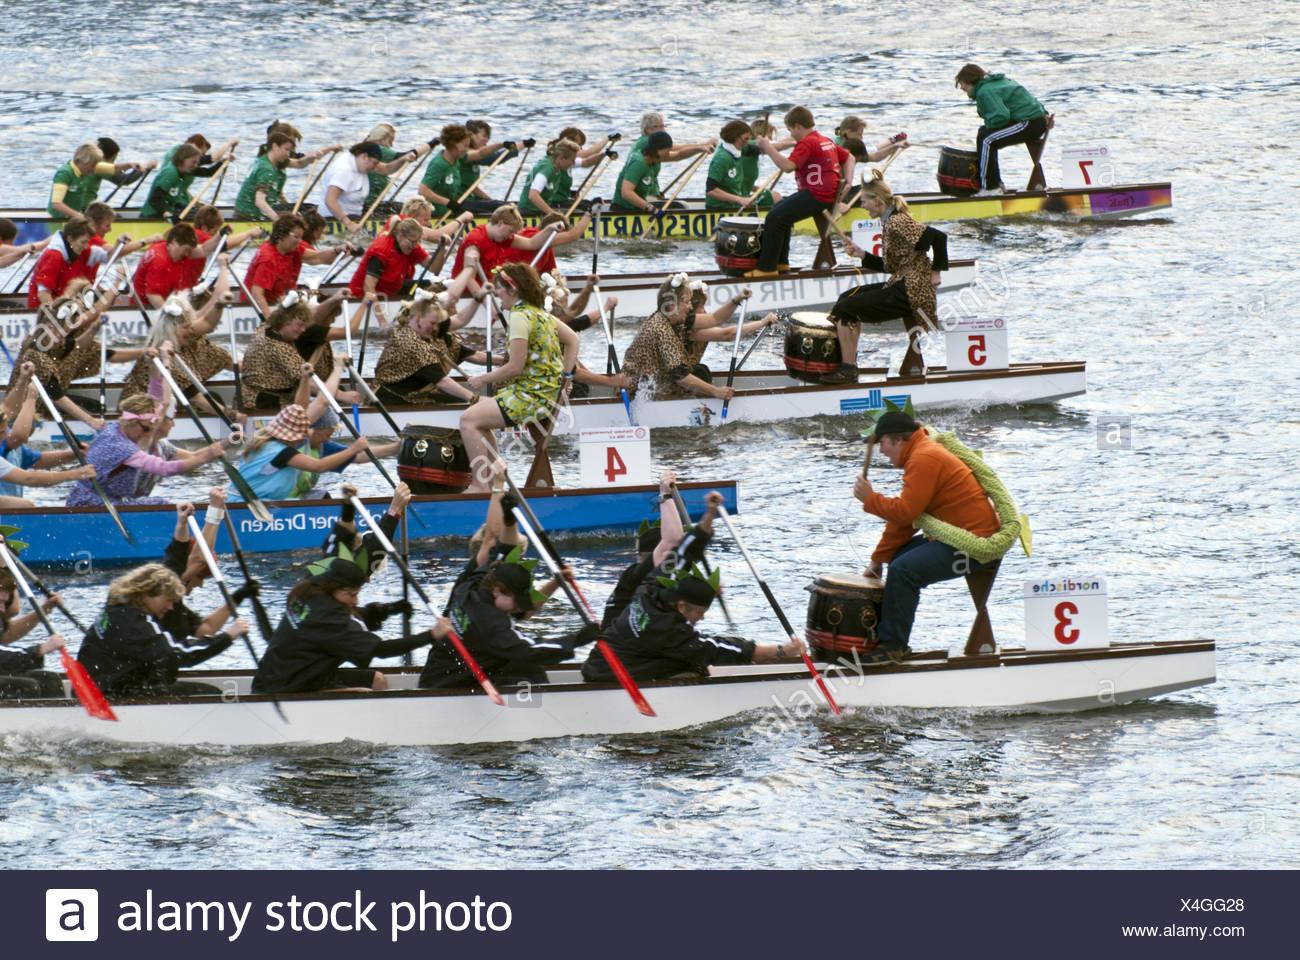 Dragon Boat Race in Kiel, Germany - Stock Image